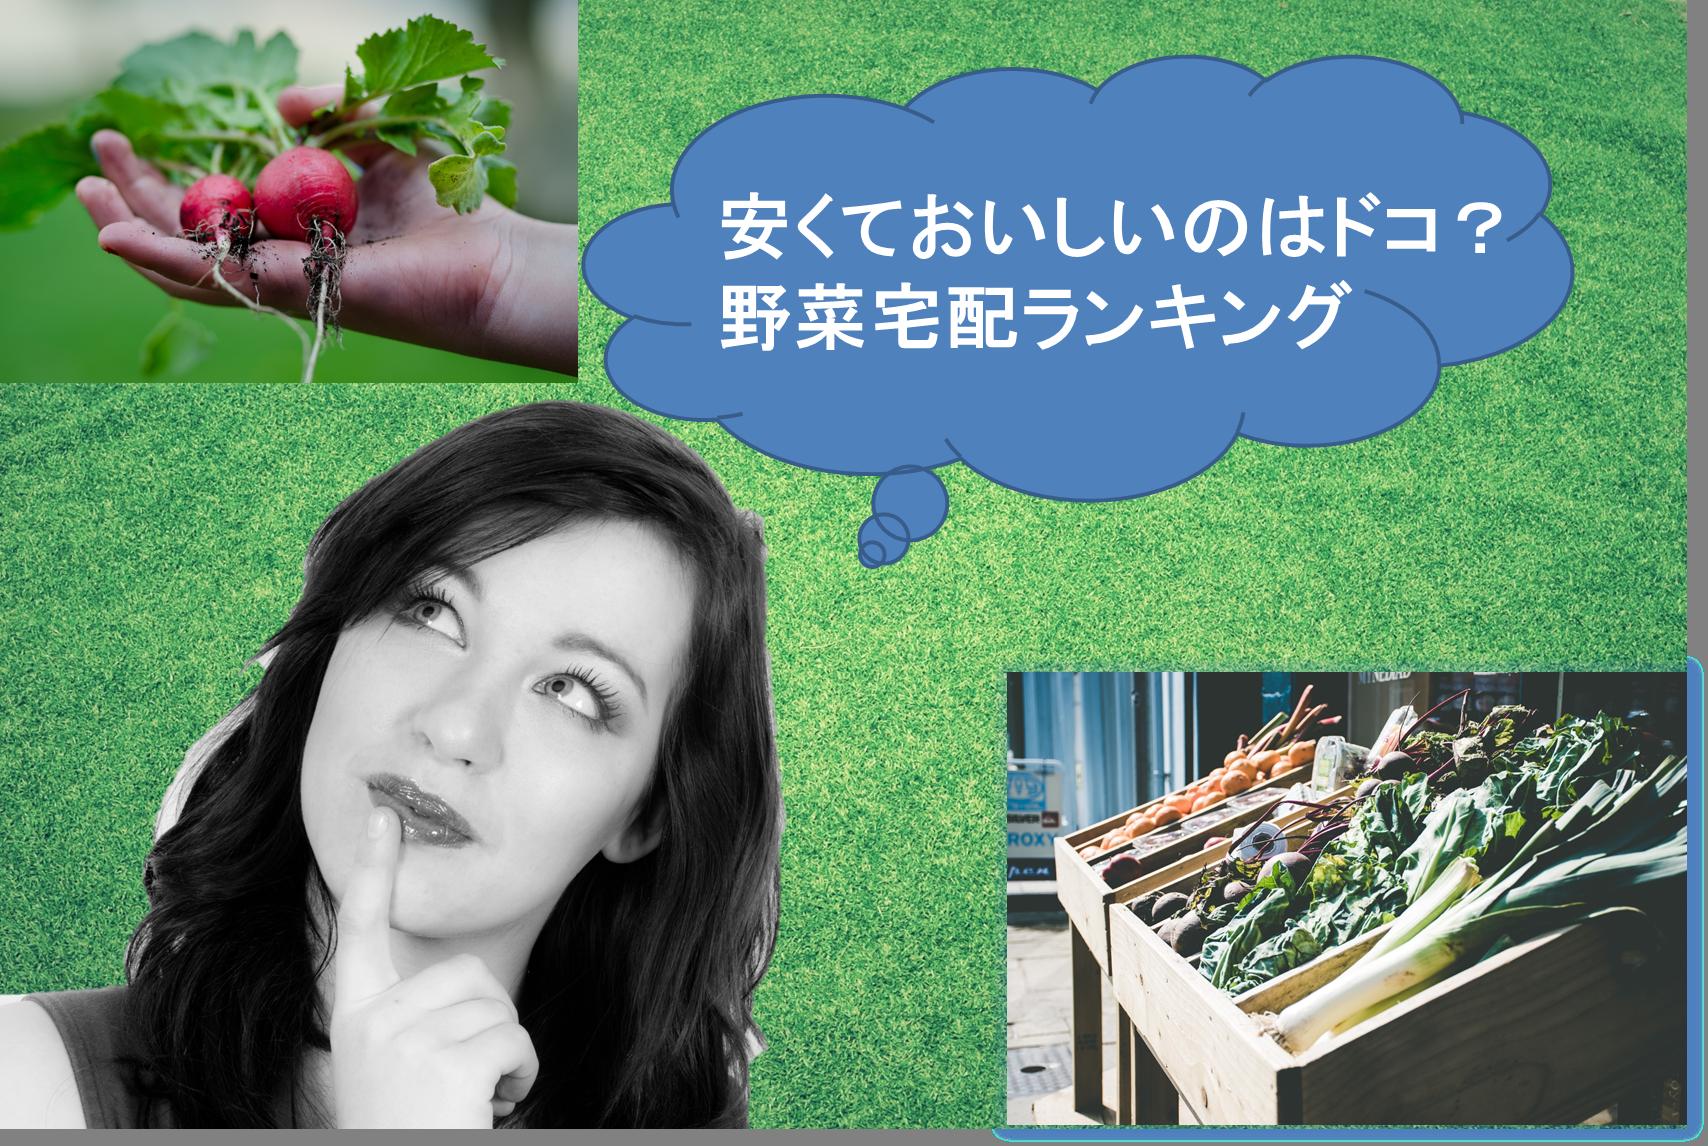 【最新版】野菜宅配のおすすめランキング!どこが美味しくて安い?